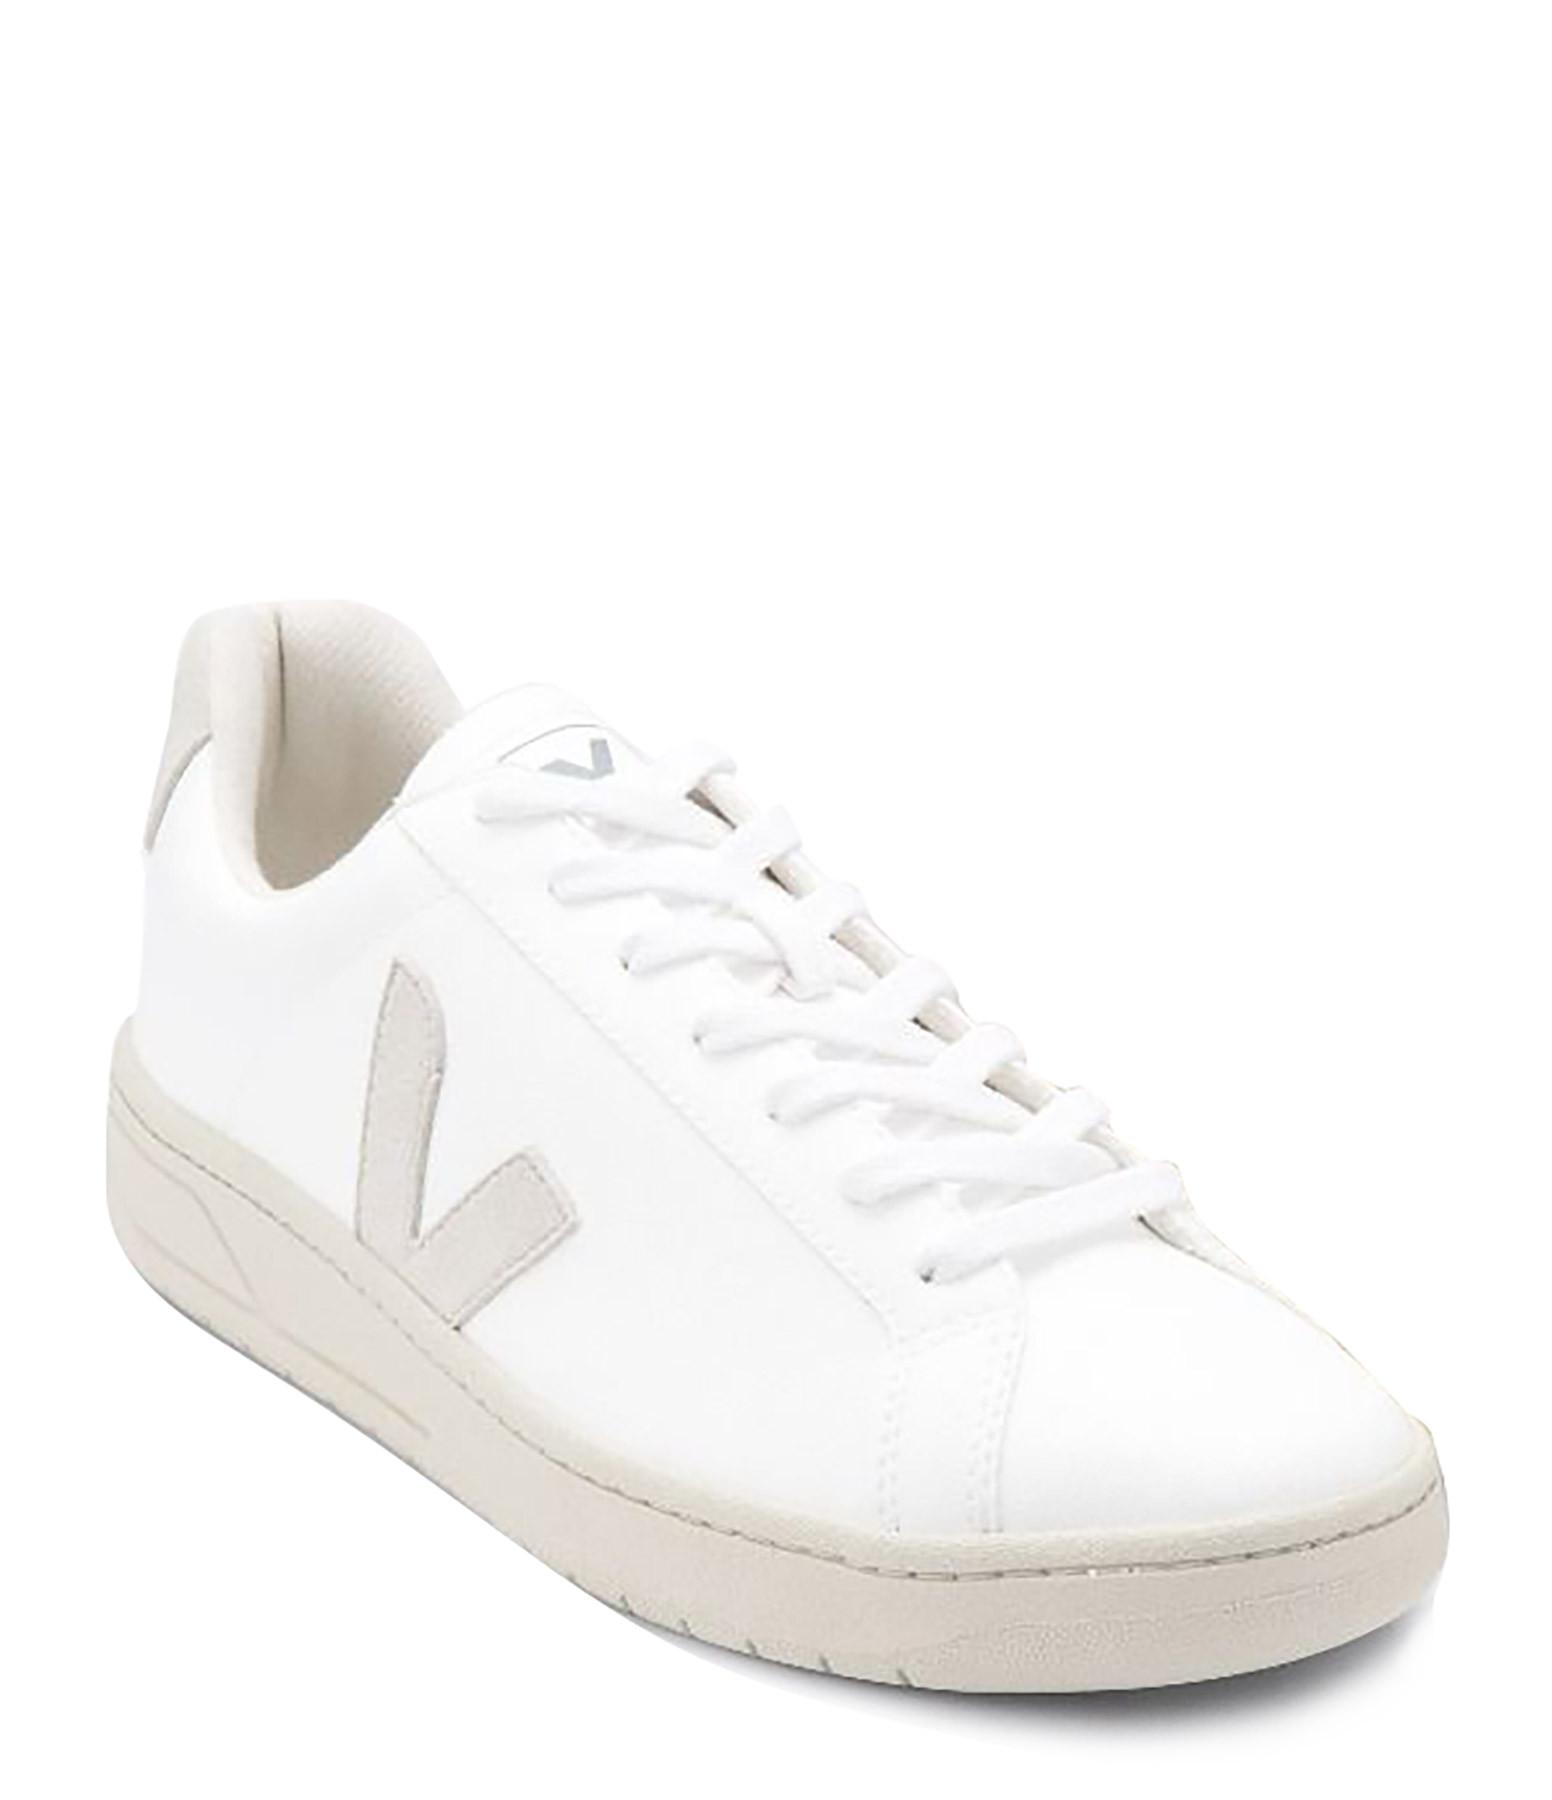 VEJA - Baskets Urca CWL Blanc Naturel